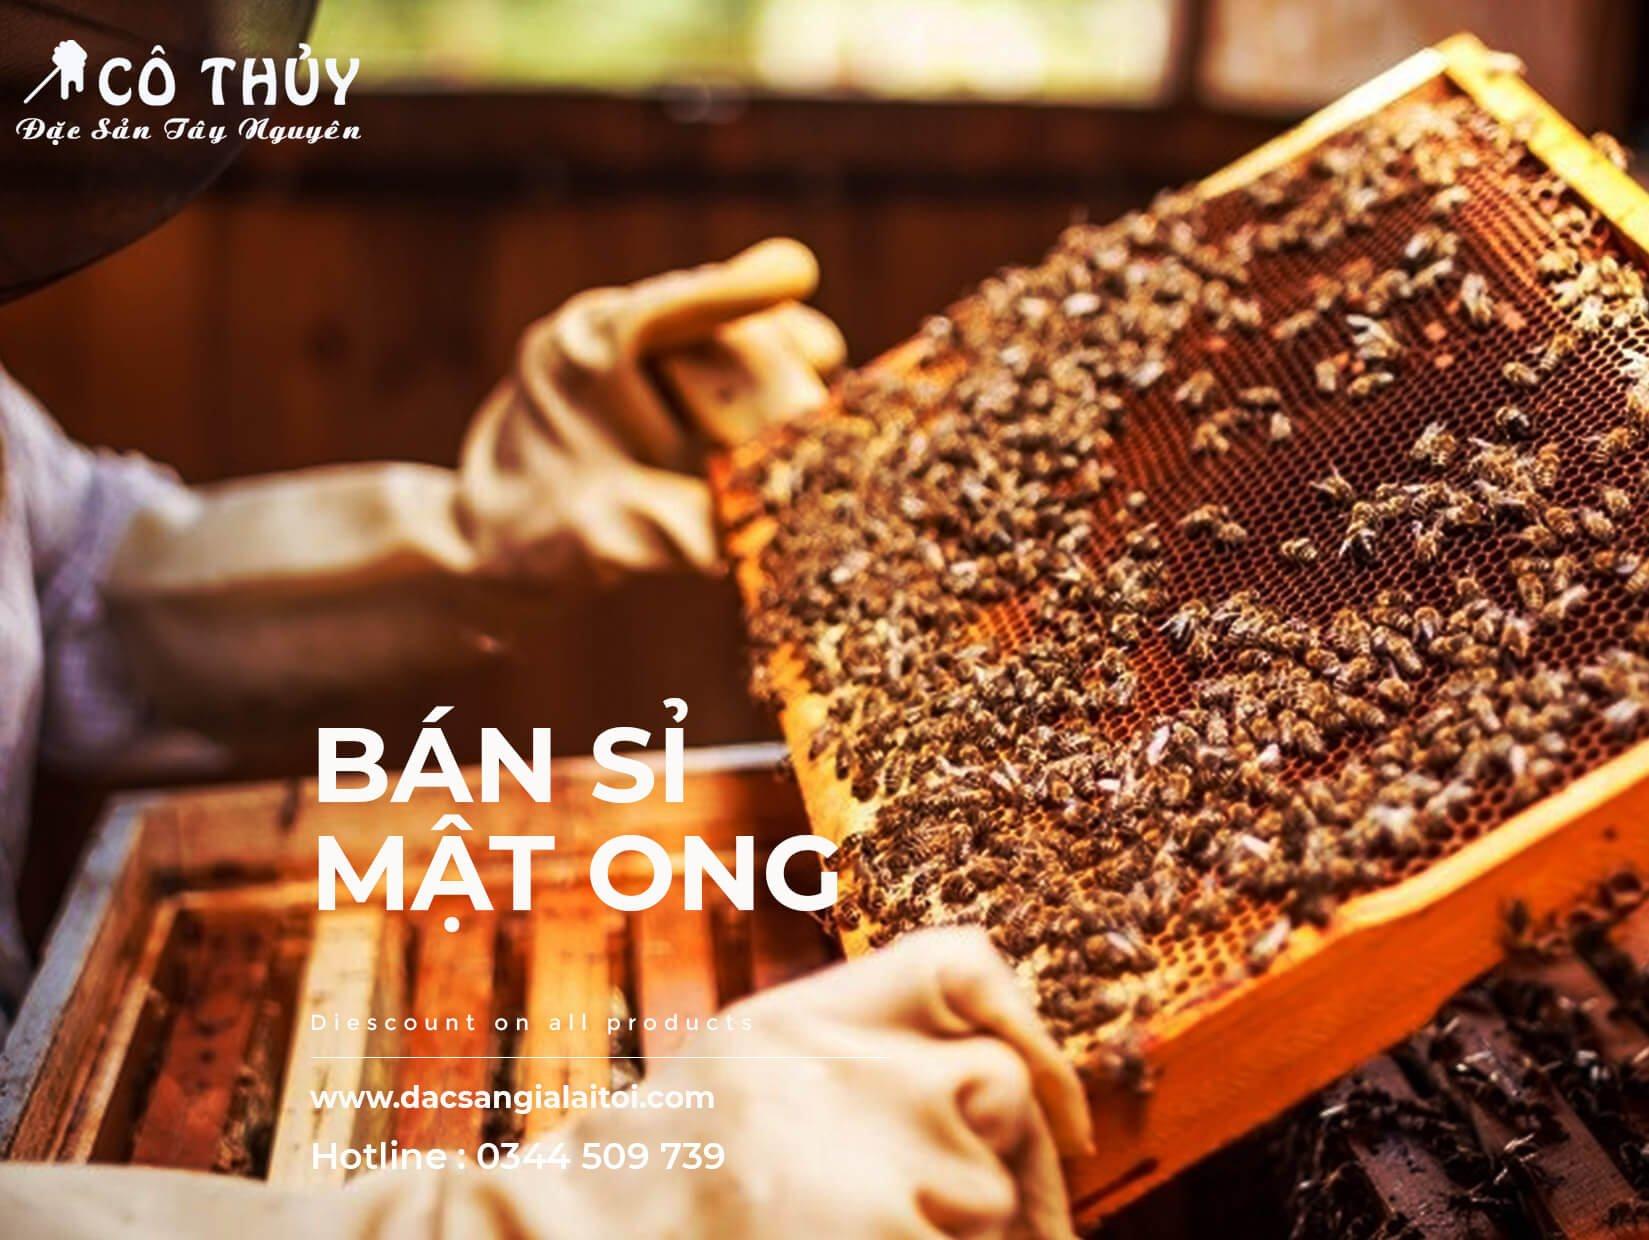 Mua mật ong nguyên chất ở đâu tphcm